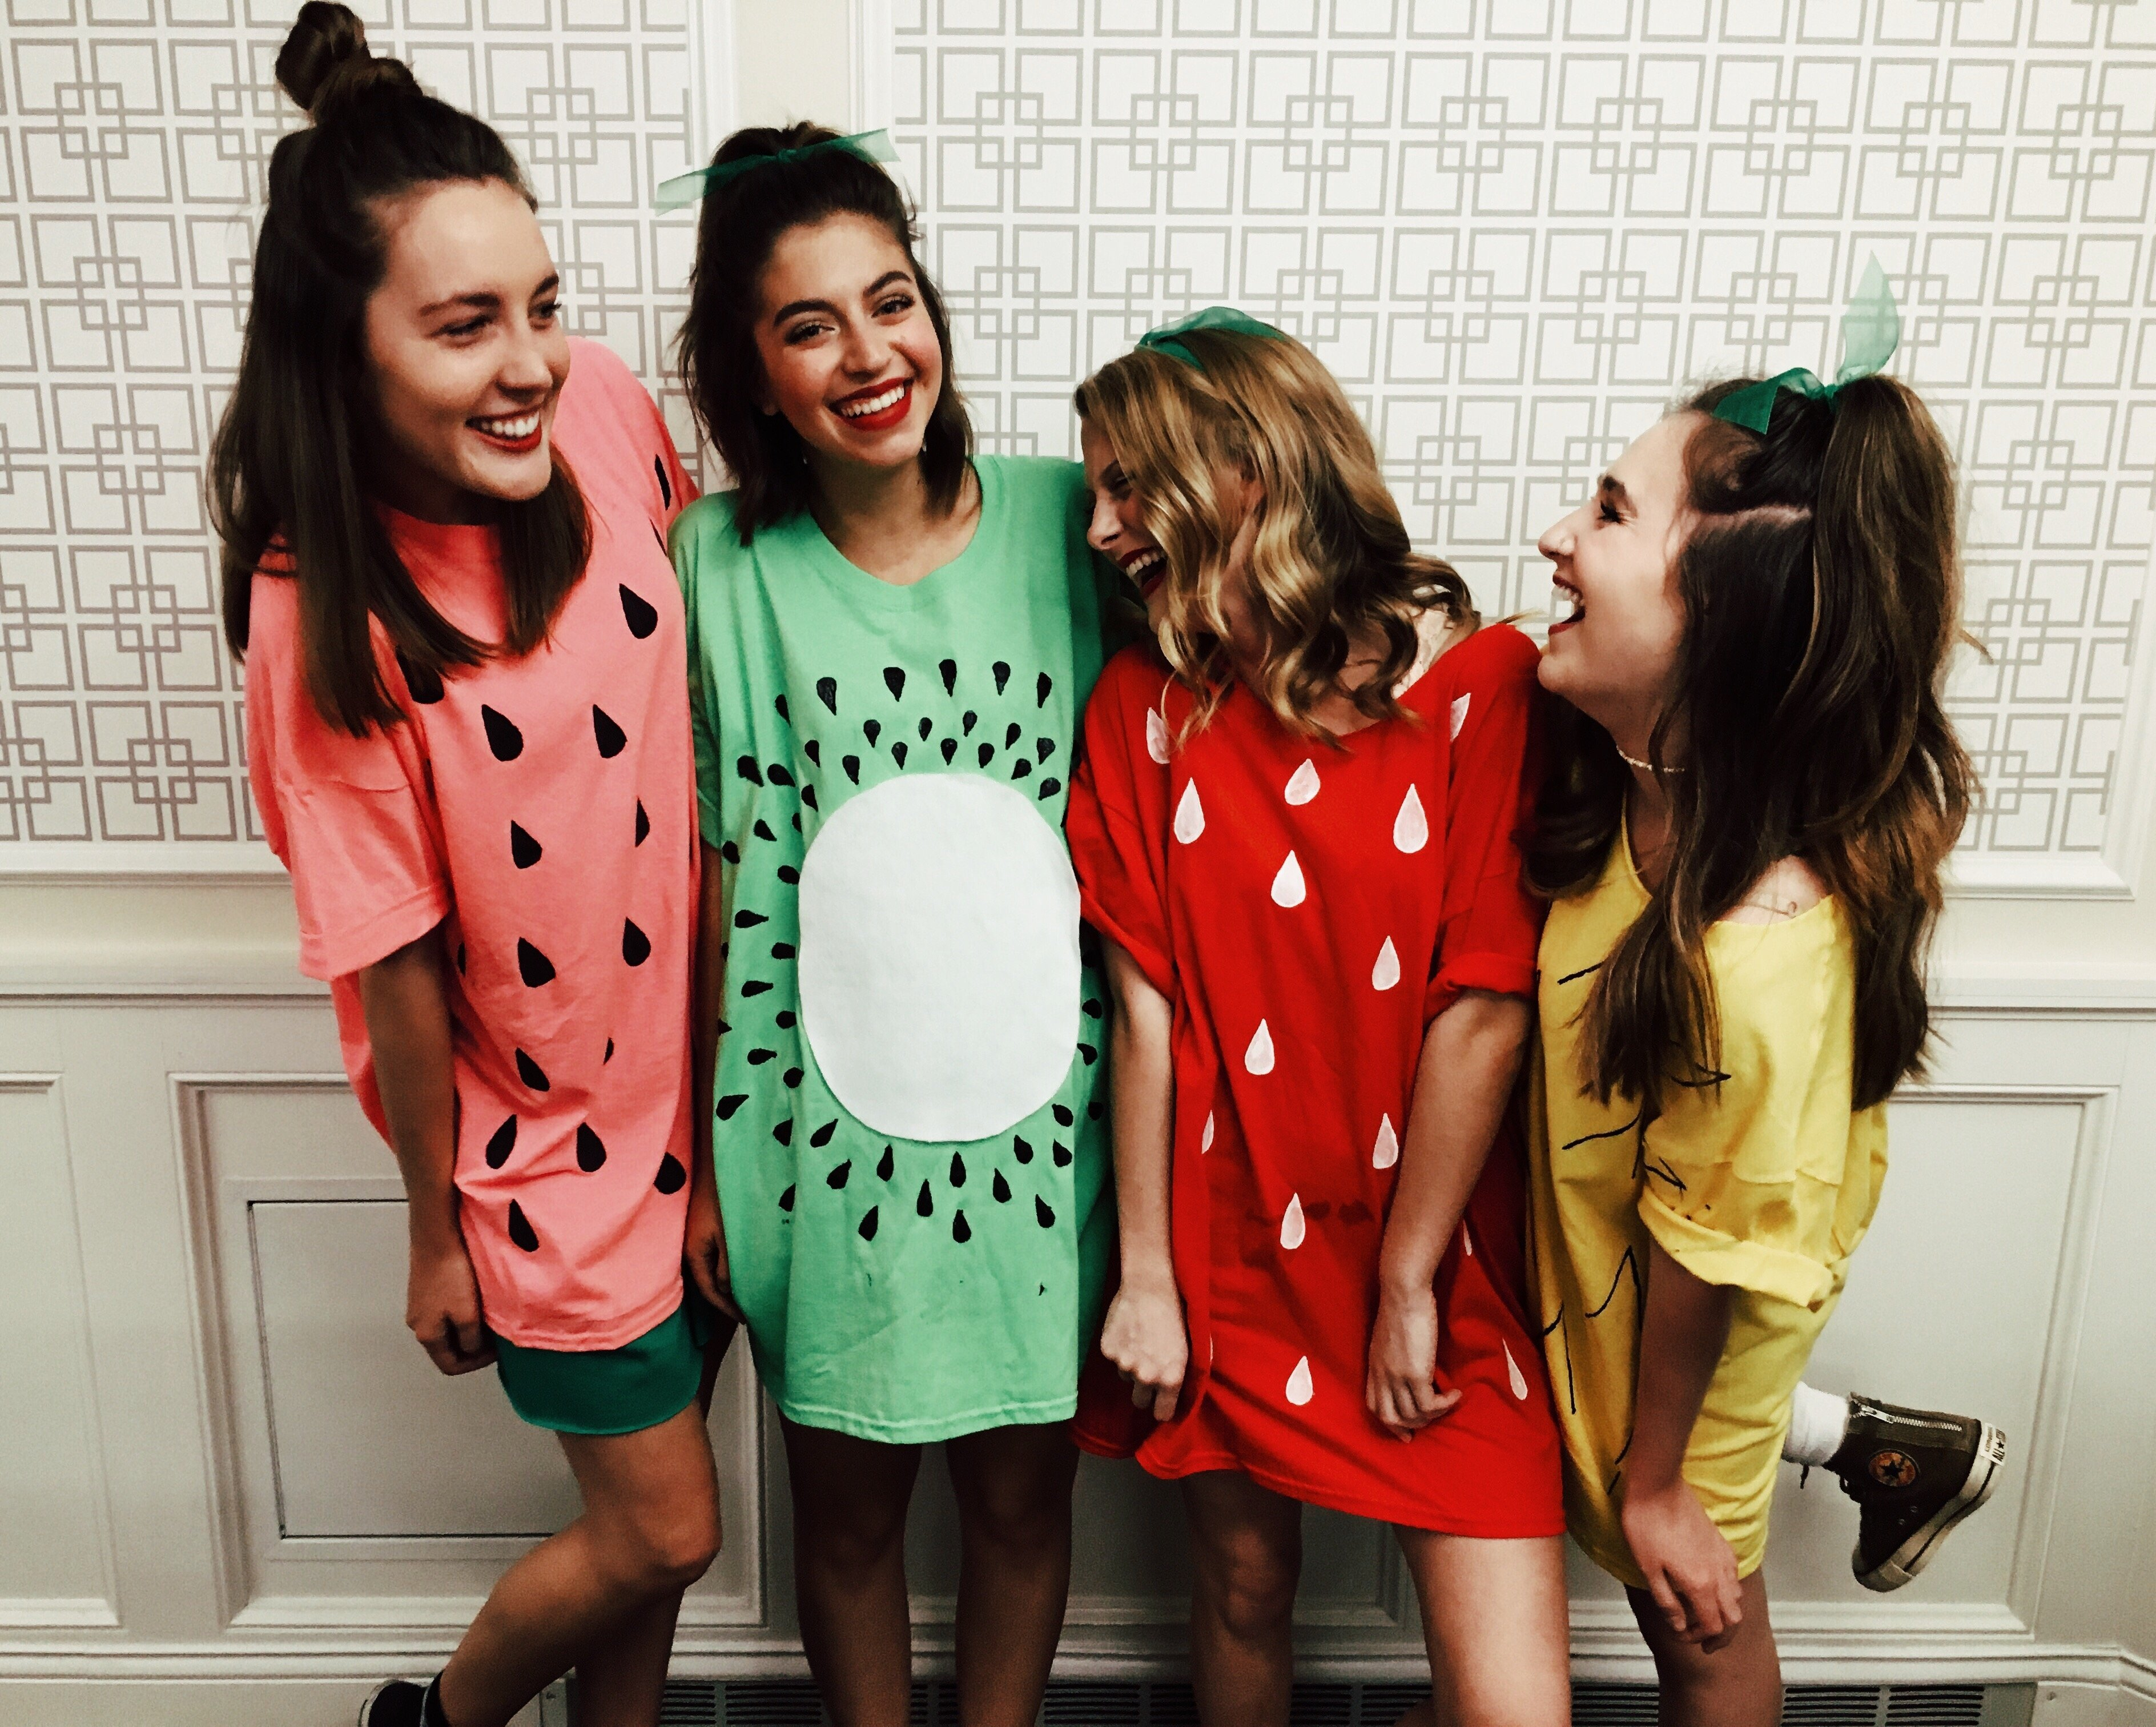 cute group photo ideas